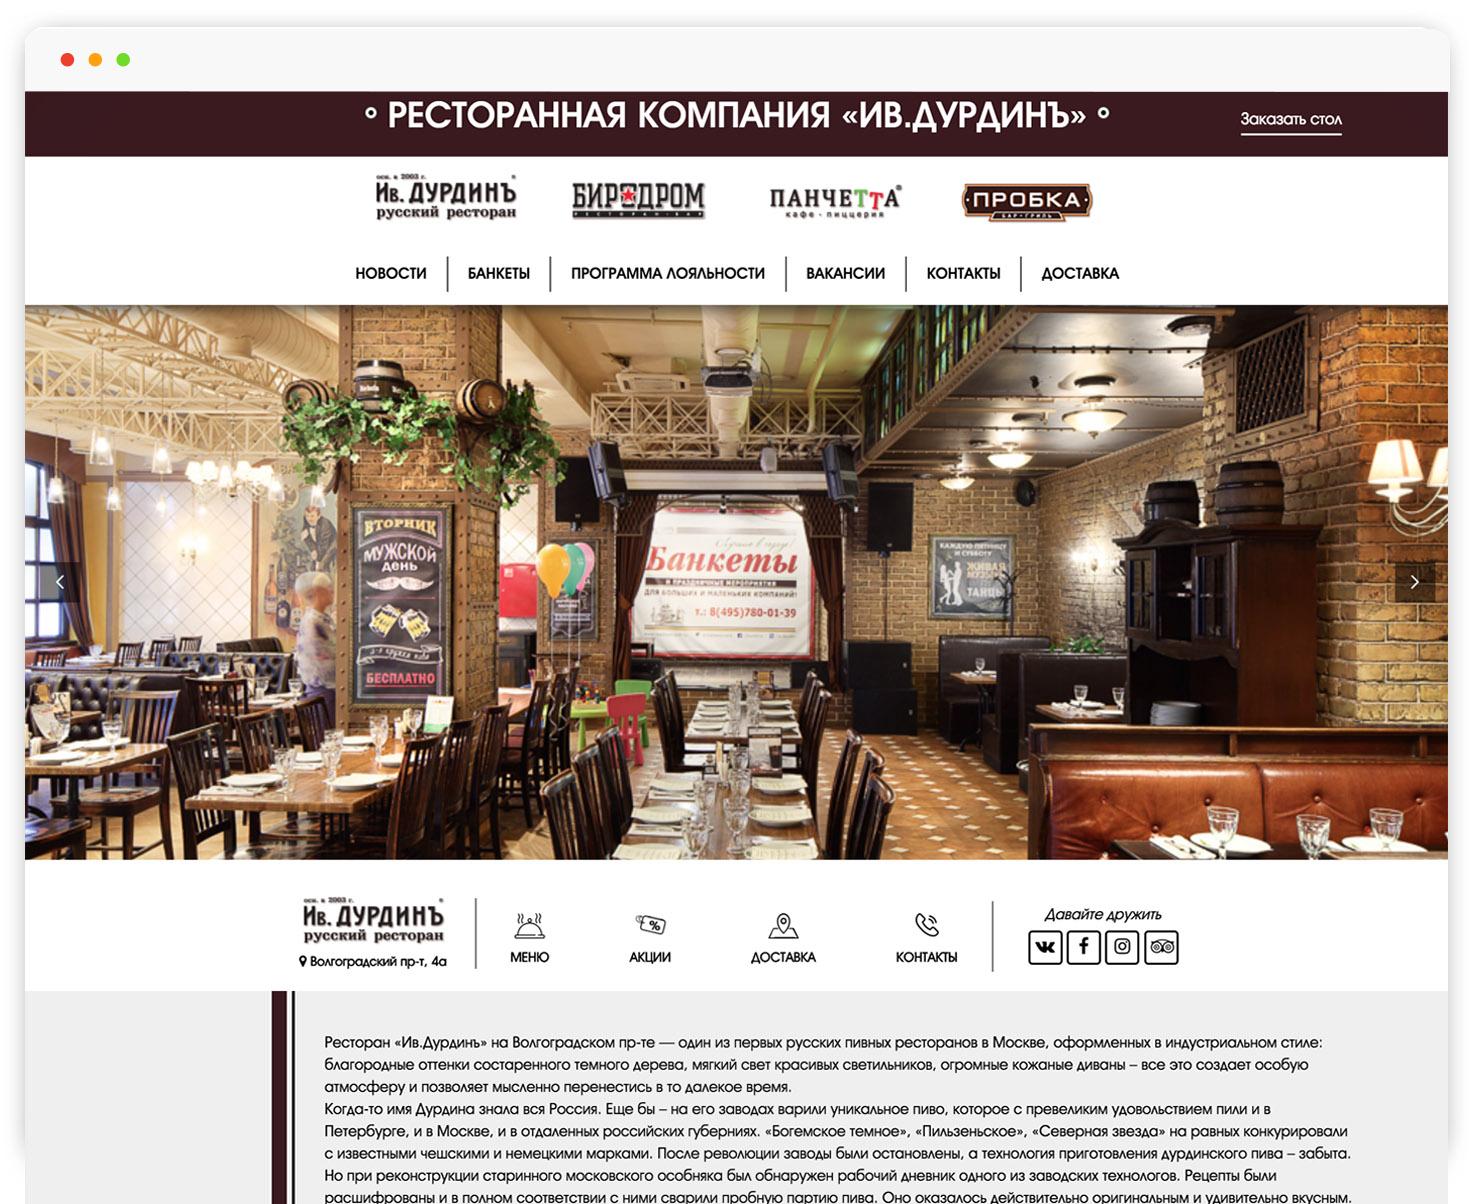 Сеть ресторанов Ив.Дурдинъ